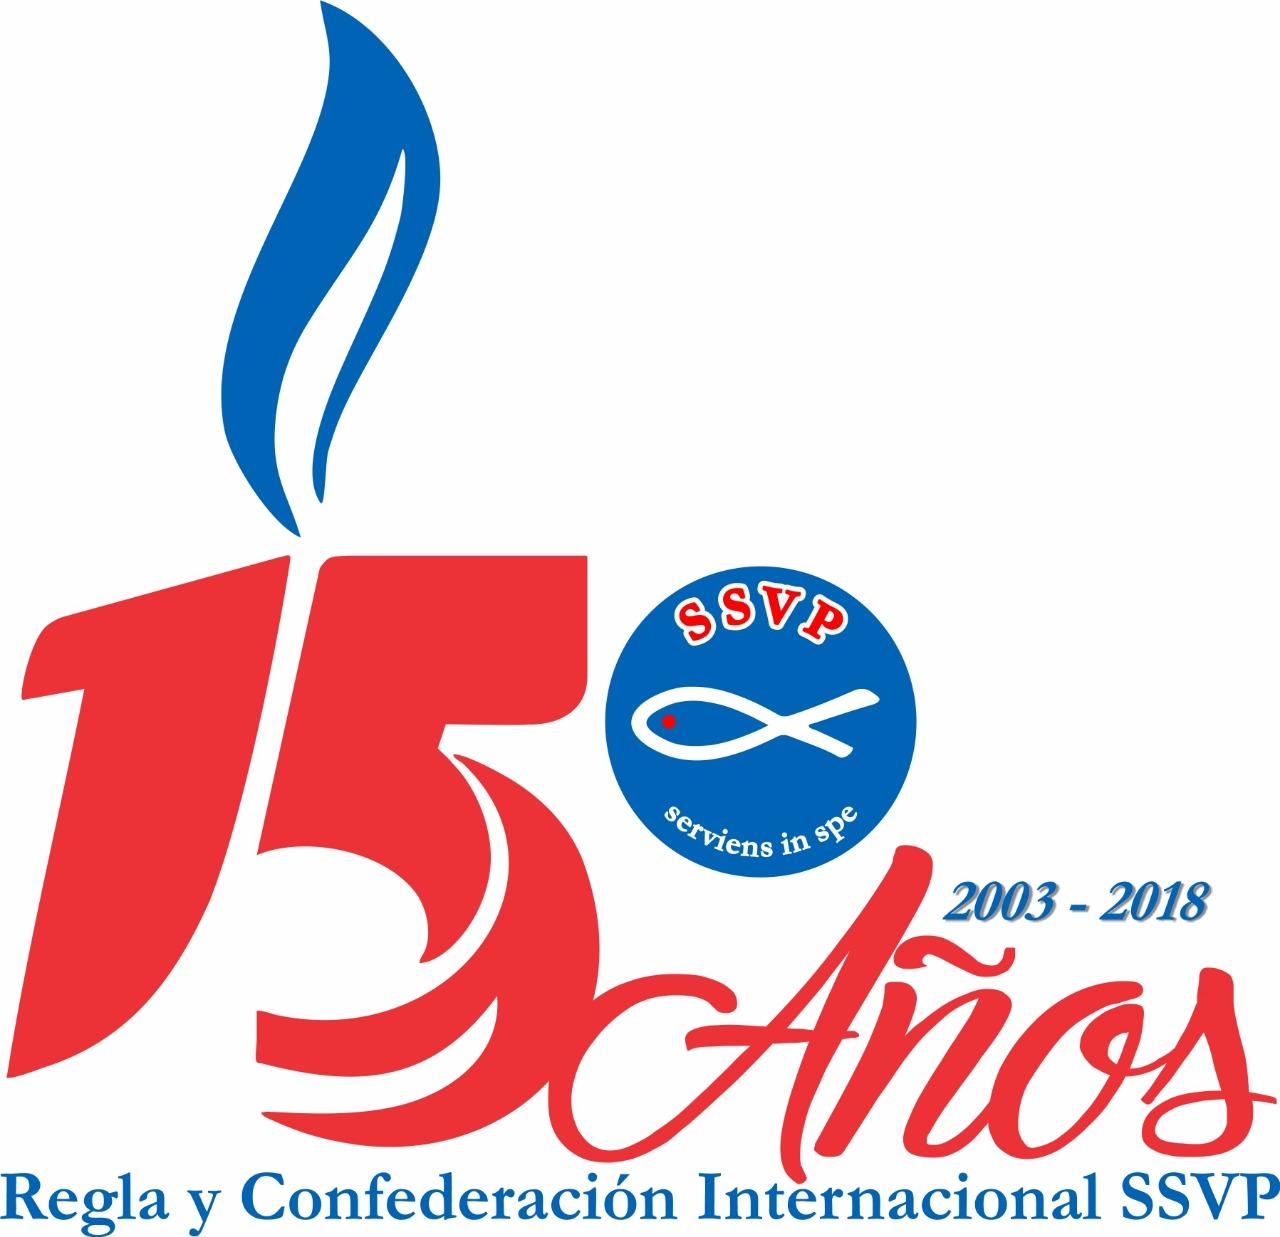 El Consejo General en fiesta: 15 años de la Regla y de la Confederación